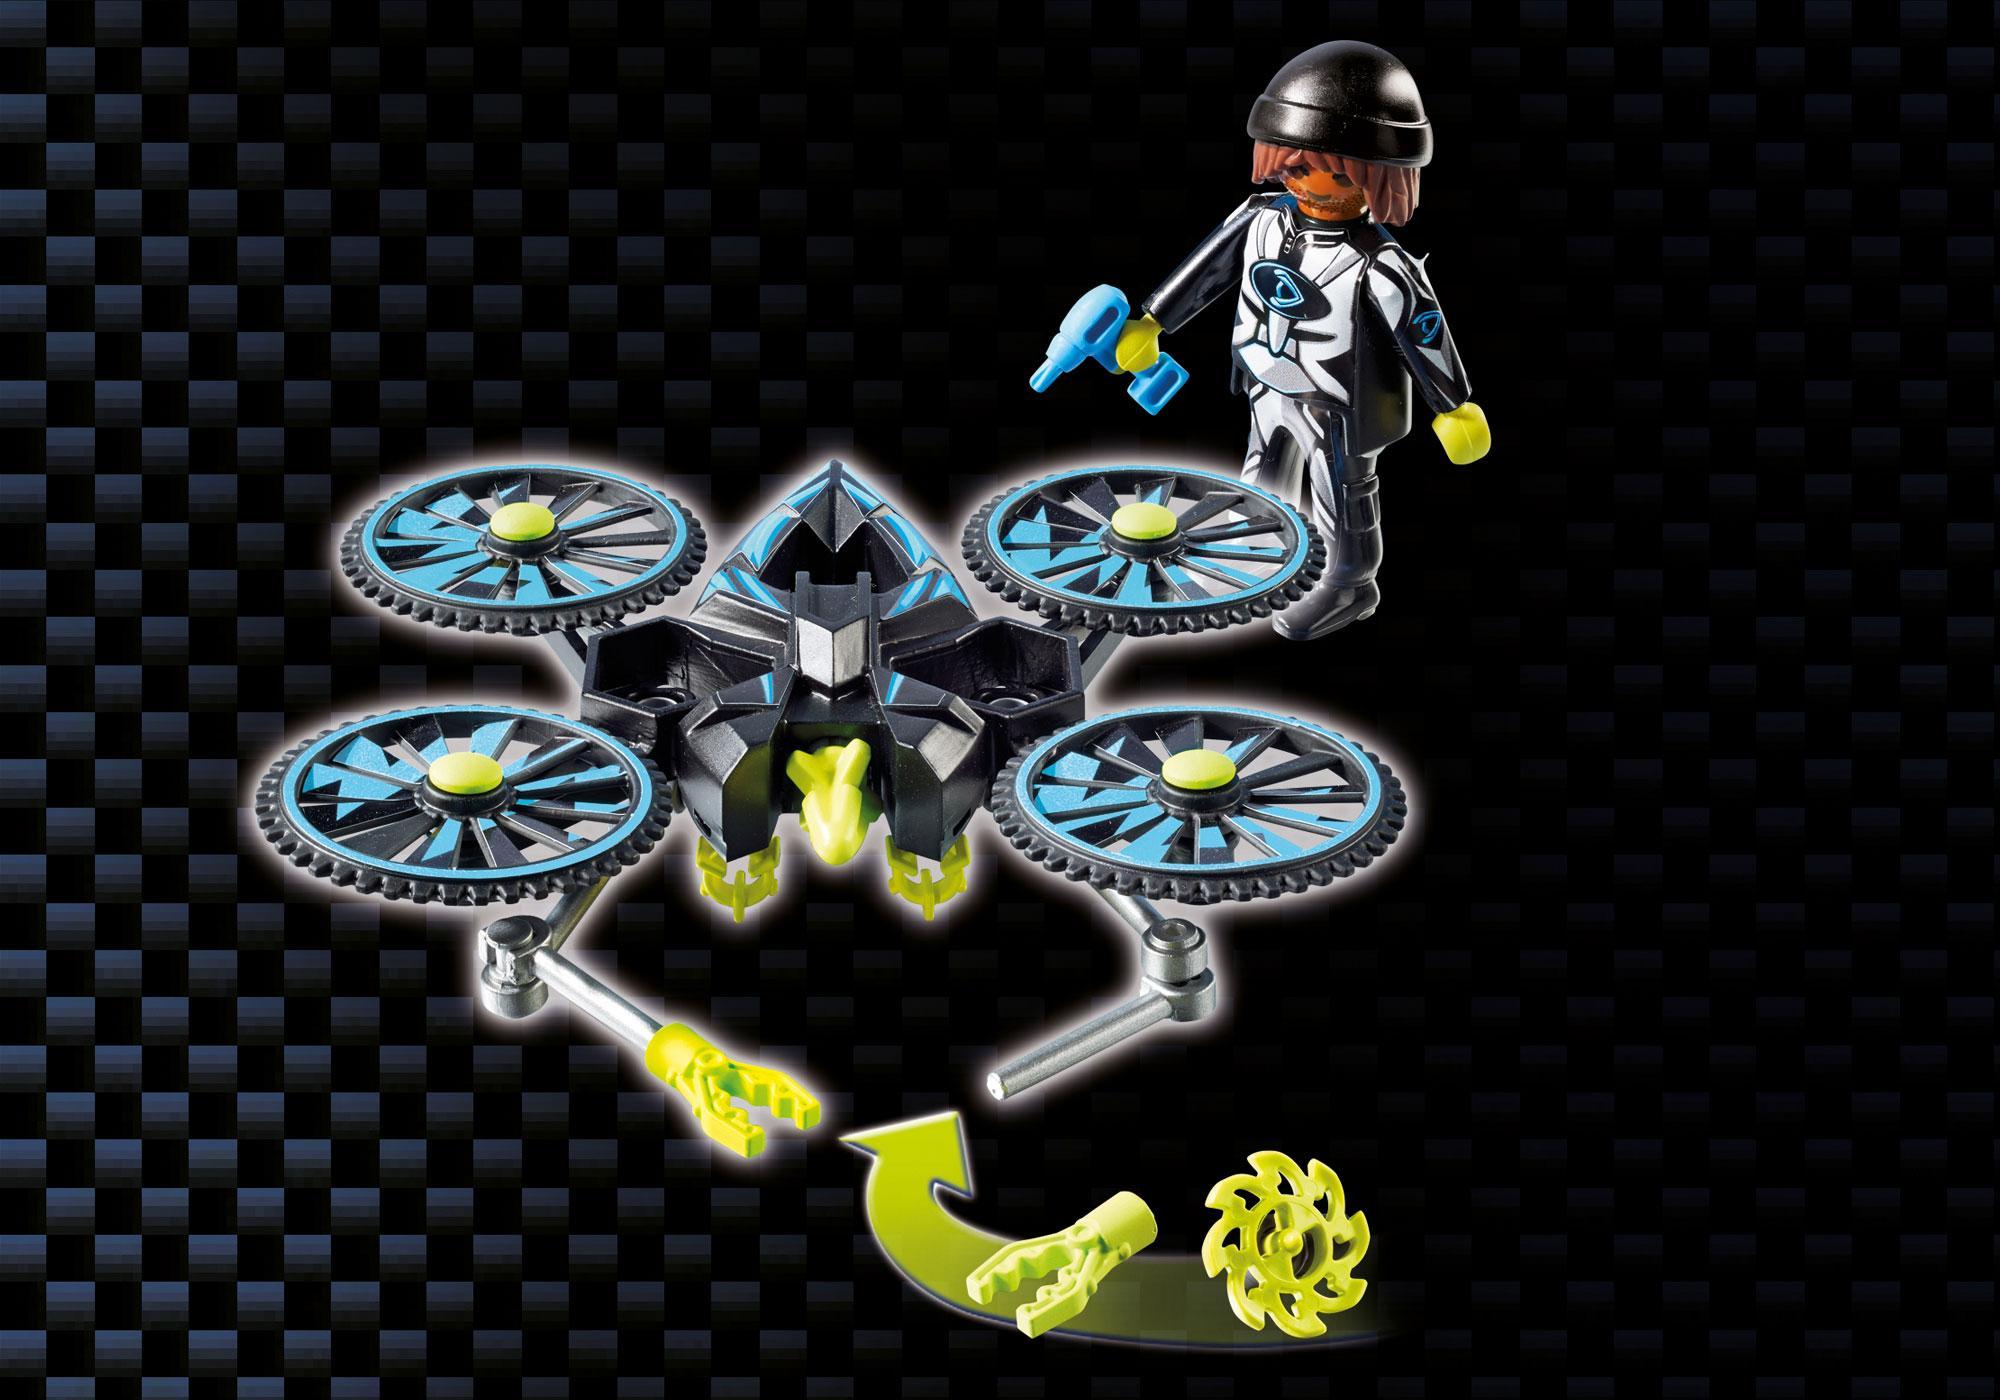 http://media.playmobil.com/i/playmobil/9250_product_extra5/Centro de Comando do Dr. Drone